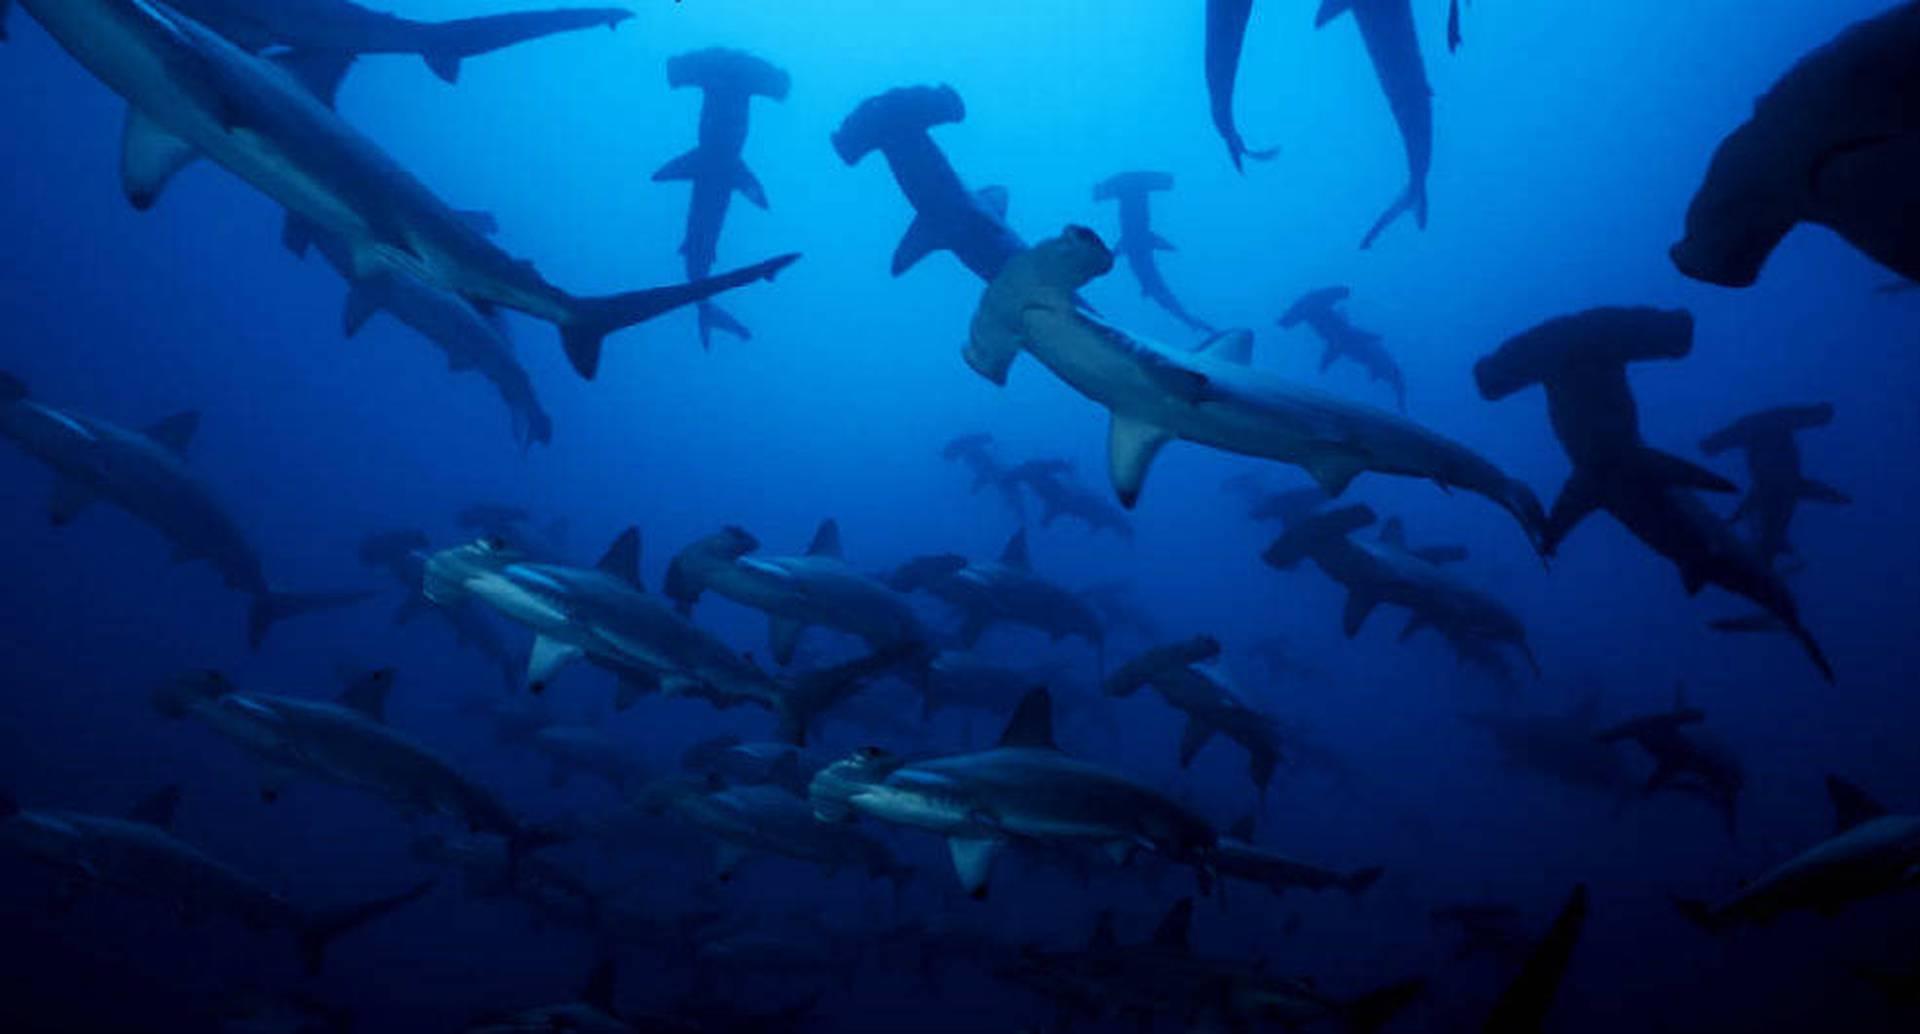 Ante la falta de estudios y controles sobre la caza de tiburones fue solicitado la eliminación del aprovechamiento de sus aletas en Colombia. Foto: archivo/Semana.